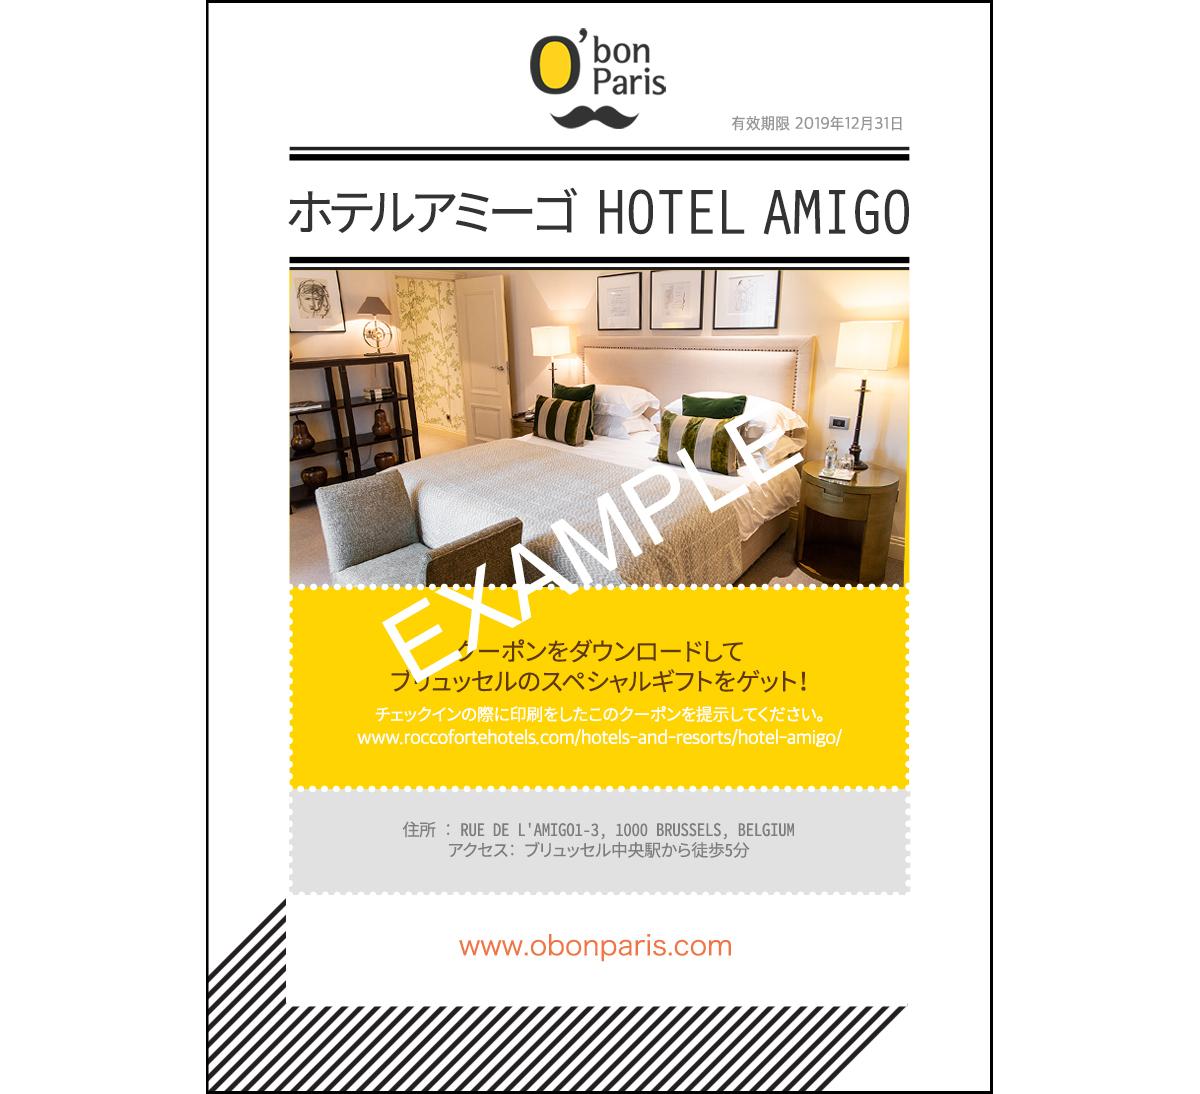 ホテルアミーゴ クーポン